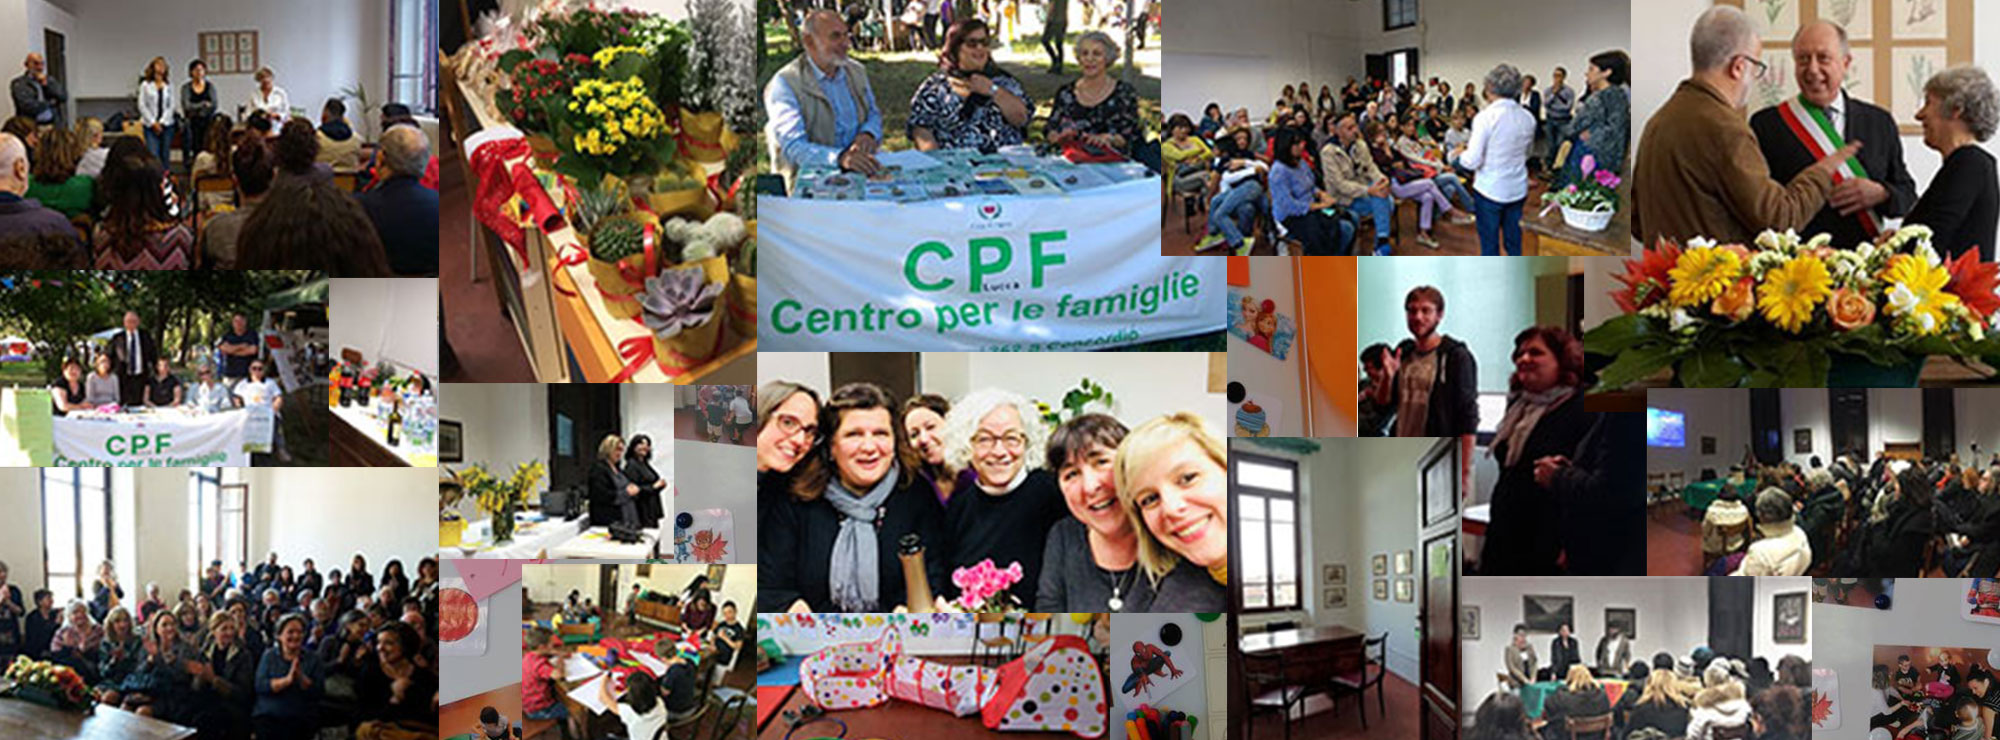 LuccaInvita Foto pagina CPF Lucca